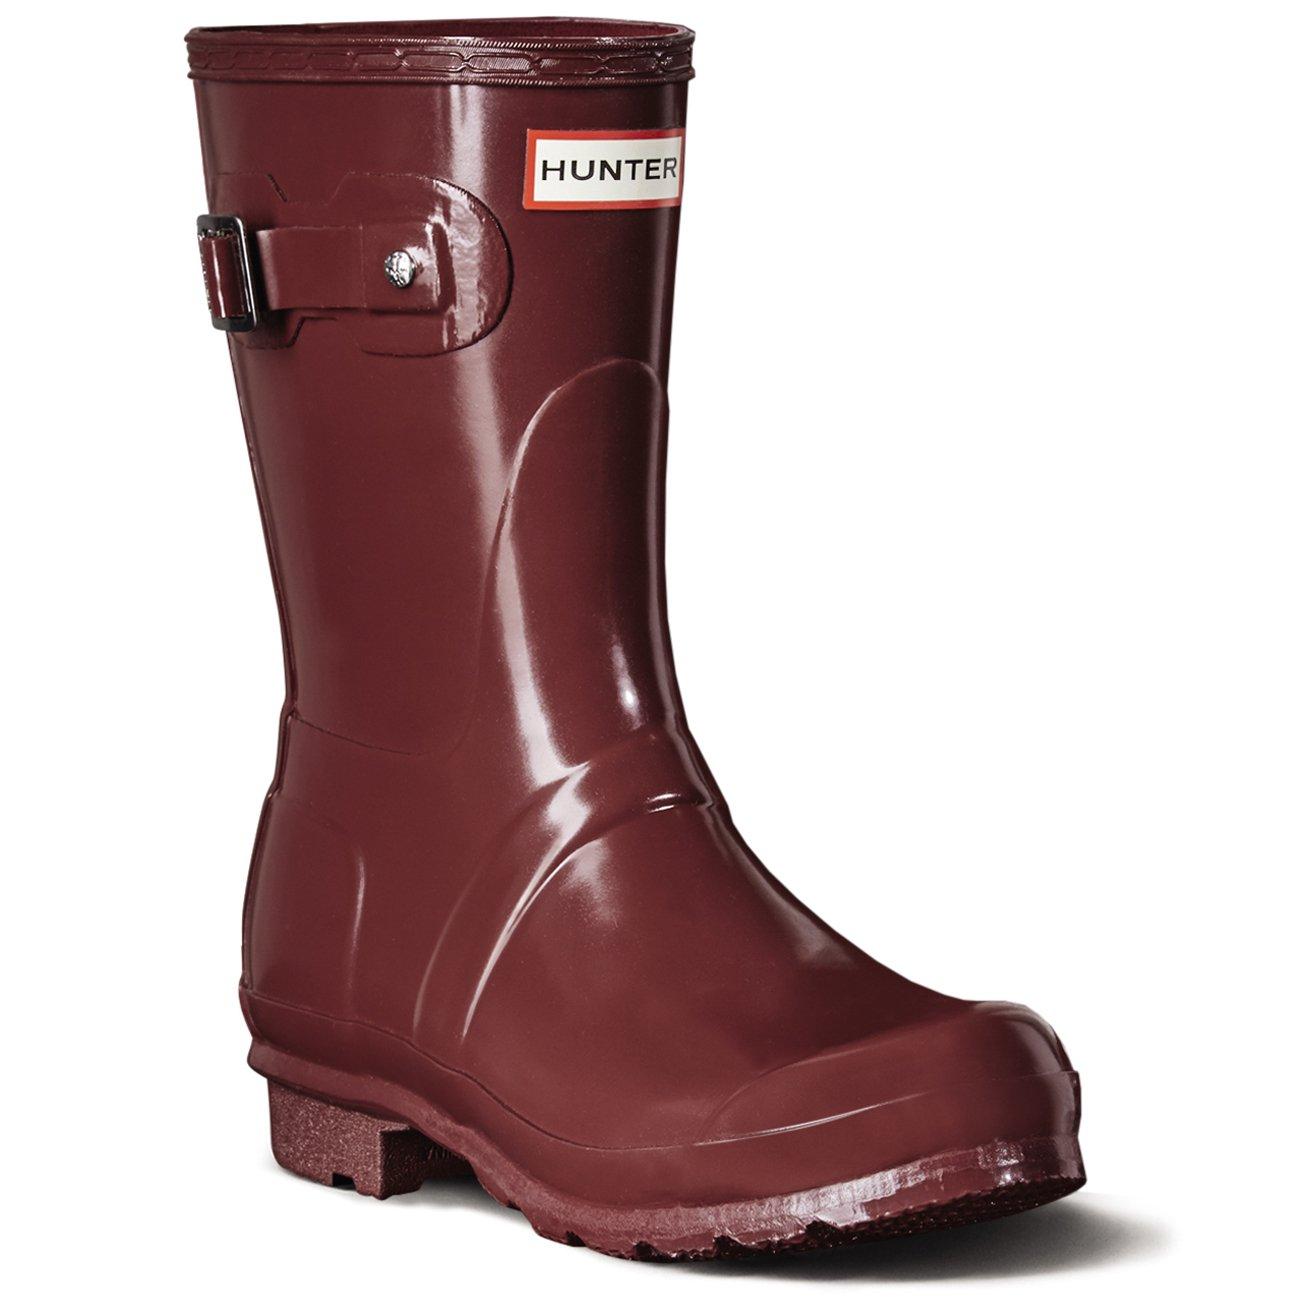 9338d24eab9a Hunter Women s Boots Original Original Original Short Gloss Snow Rain Boots  Water Boots Unisex - Black - 8 B00WPSZZ8C 5 B(M) US